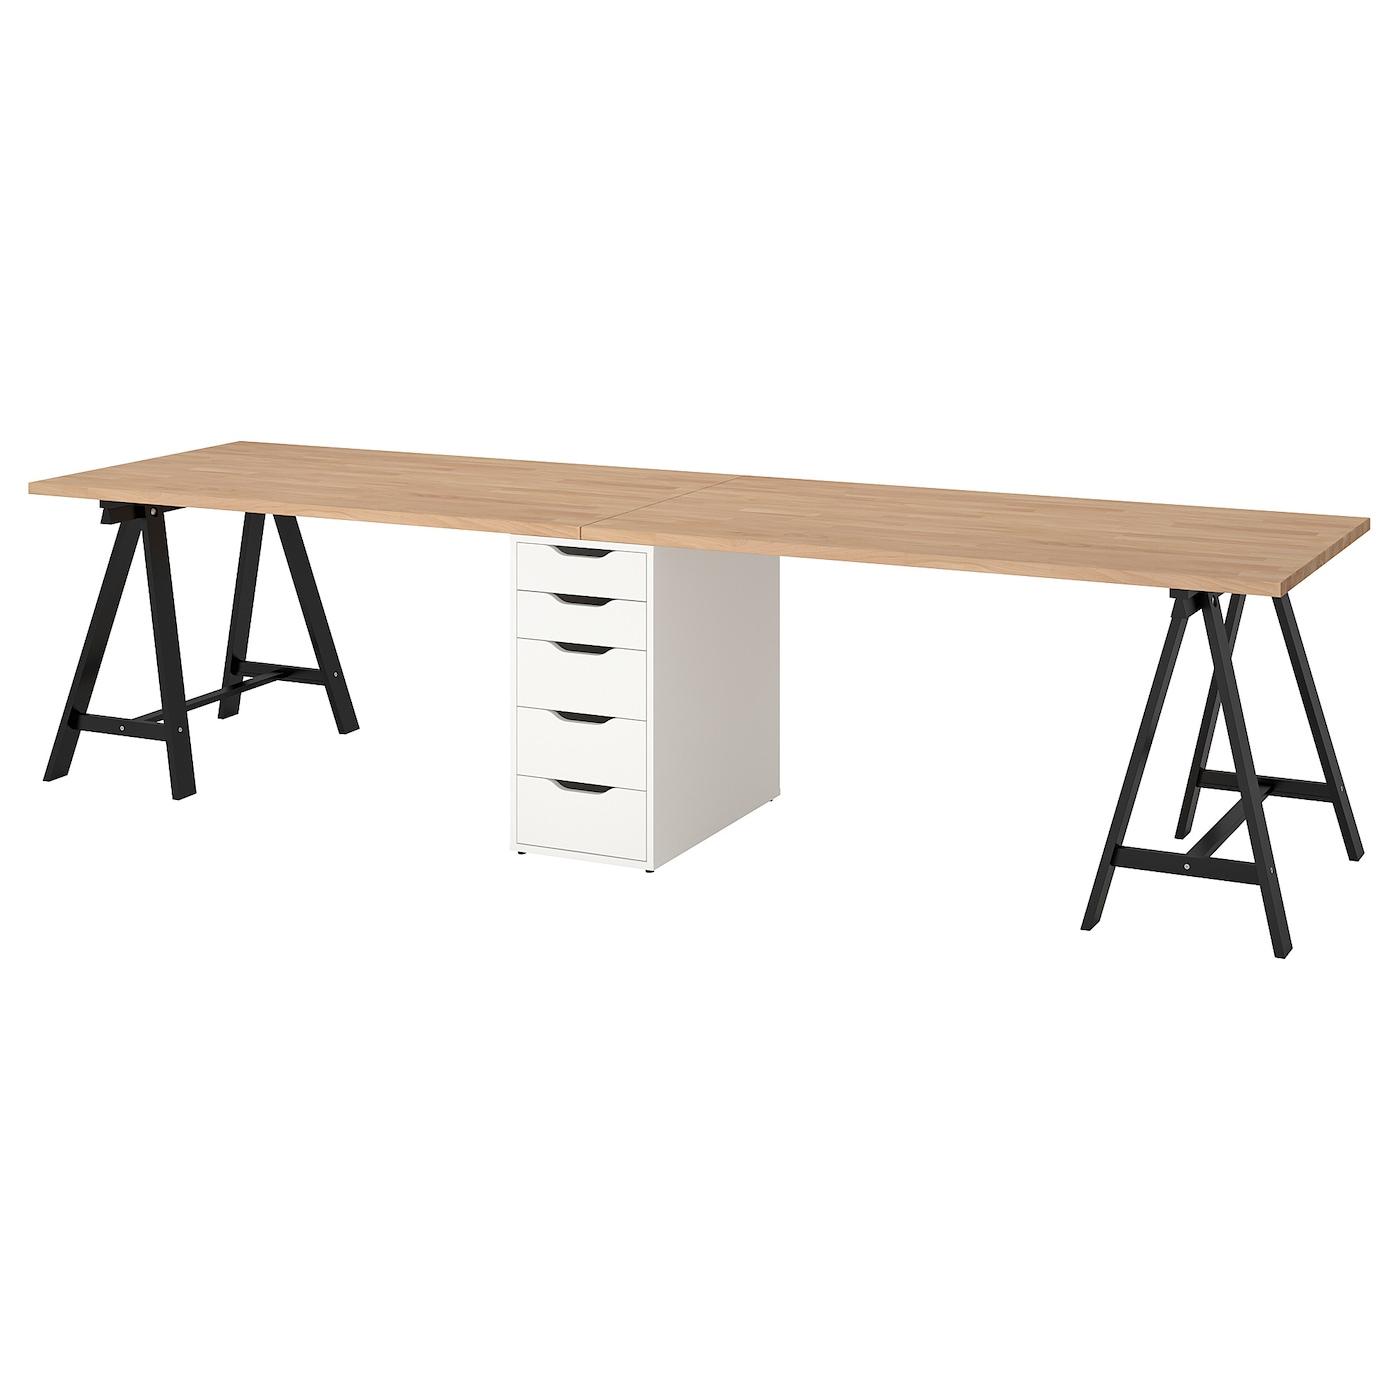 Gerton Table - Hêtre, Noir Blanc 310X75 Cm dedans Ikea Meuble De Jardin